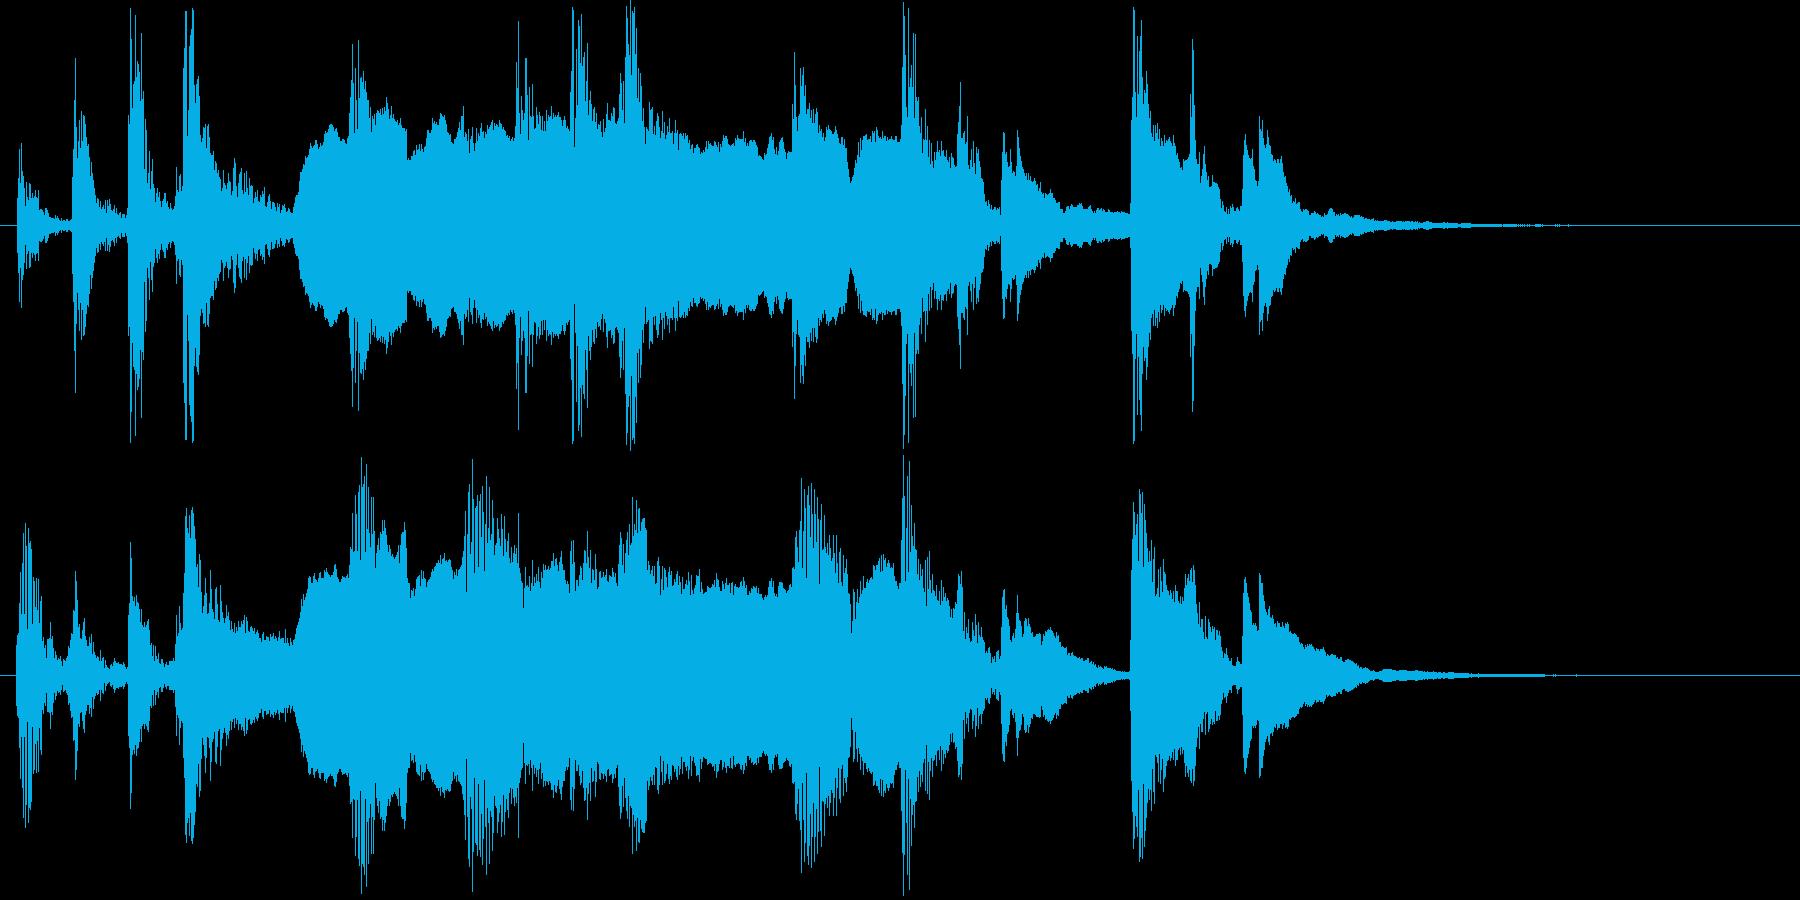 ファンタジーなピアノと笛のサウンドの再生済みの波形